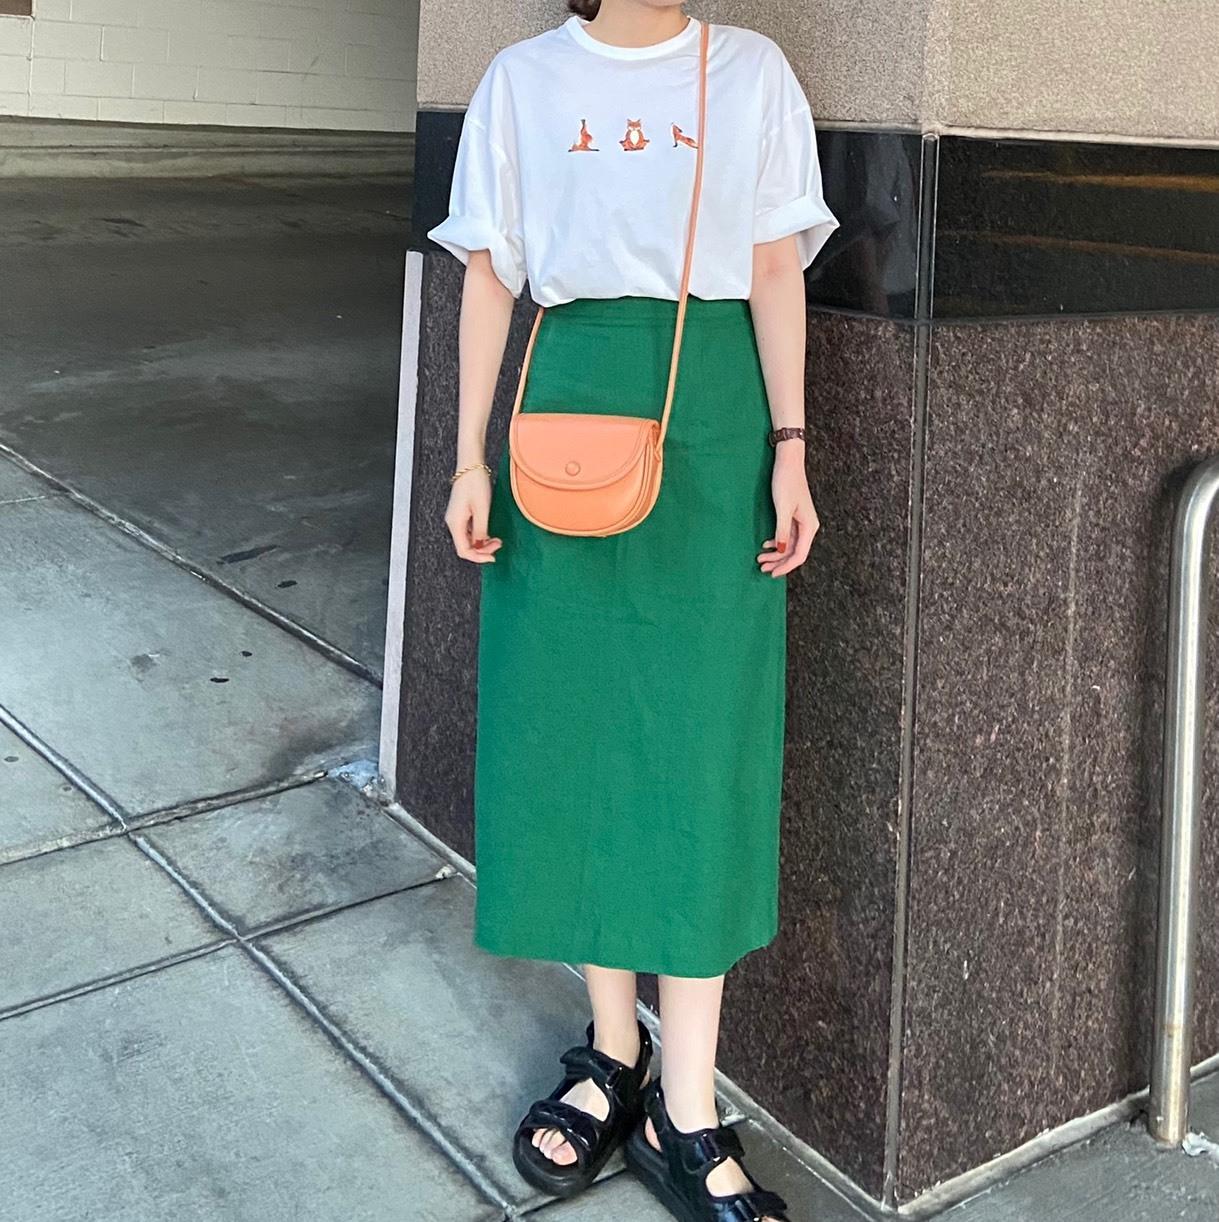 DAYNYC green skirt